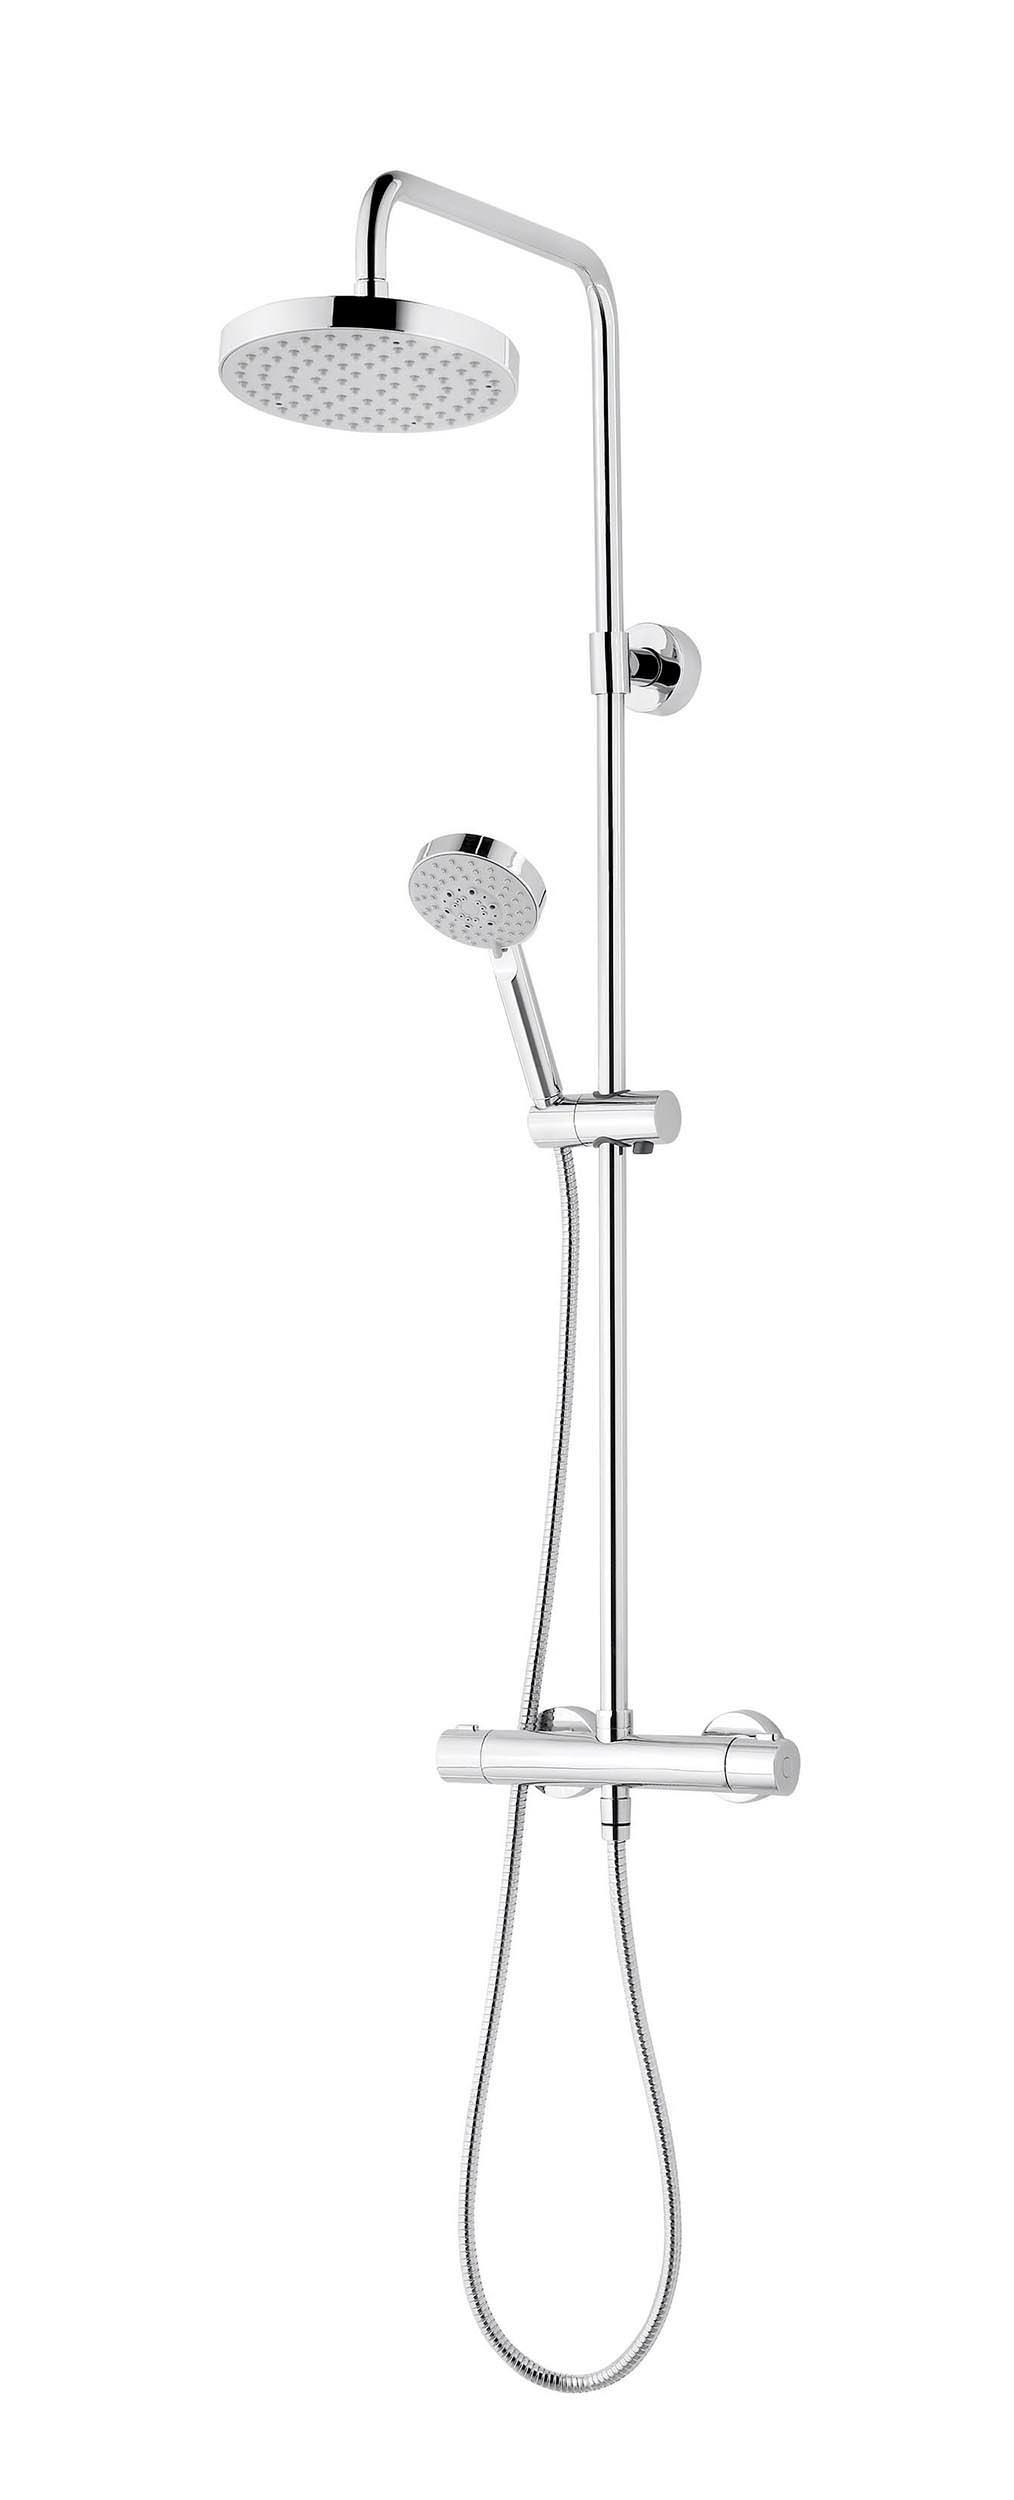 schulte duschmaster modern rain iii mit thermostat kopfbrause rund chrom d969260. Black Bedroom Furniture Sets. Home Design Ideas